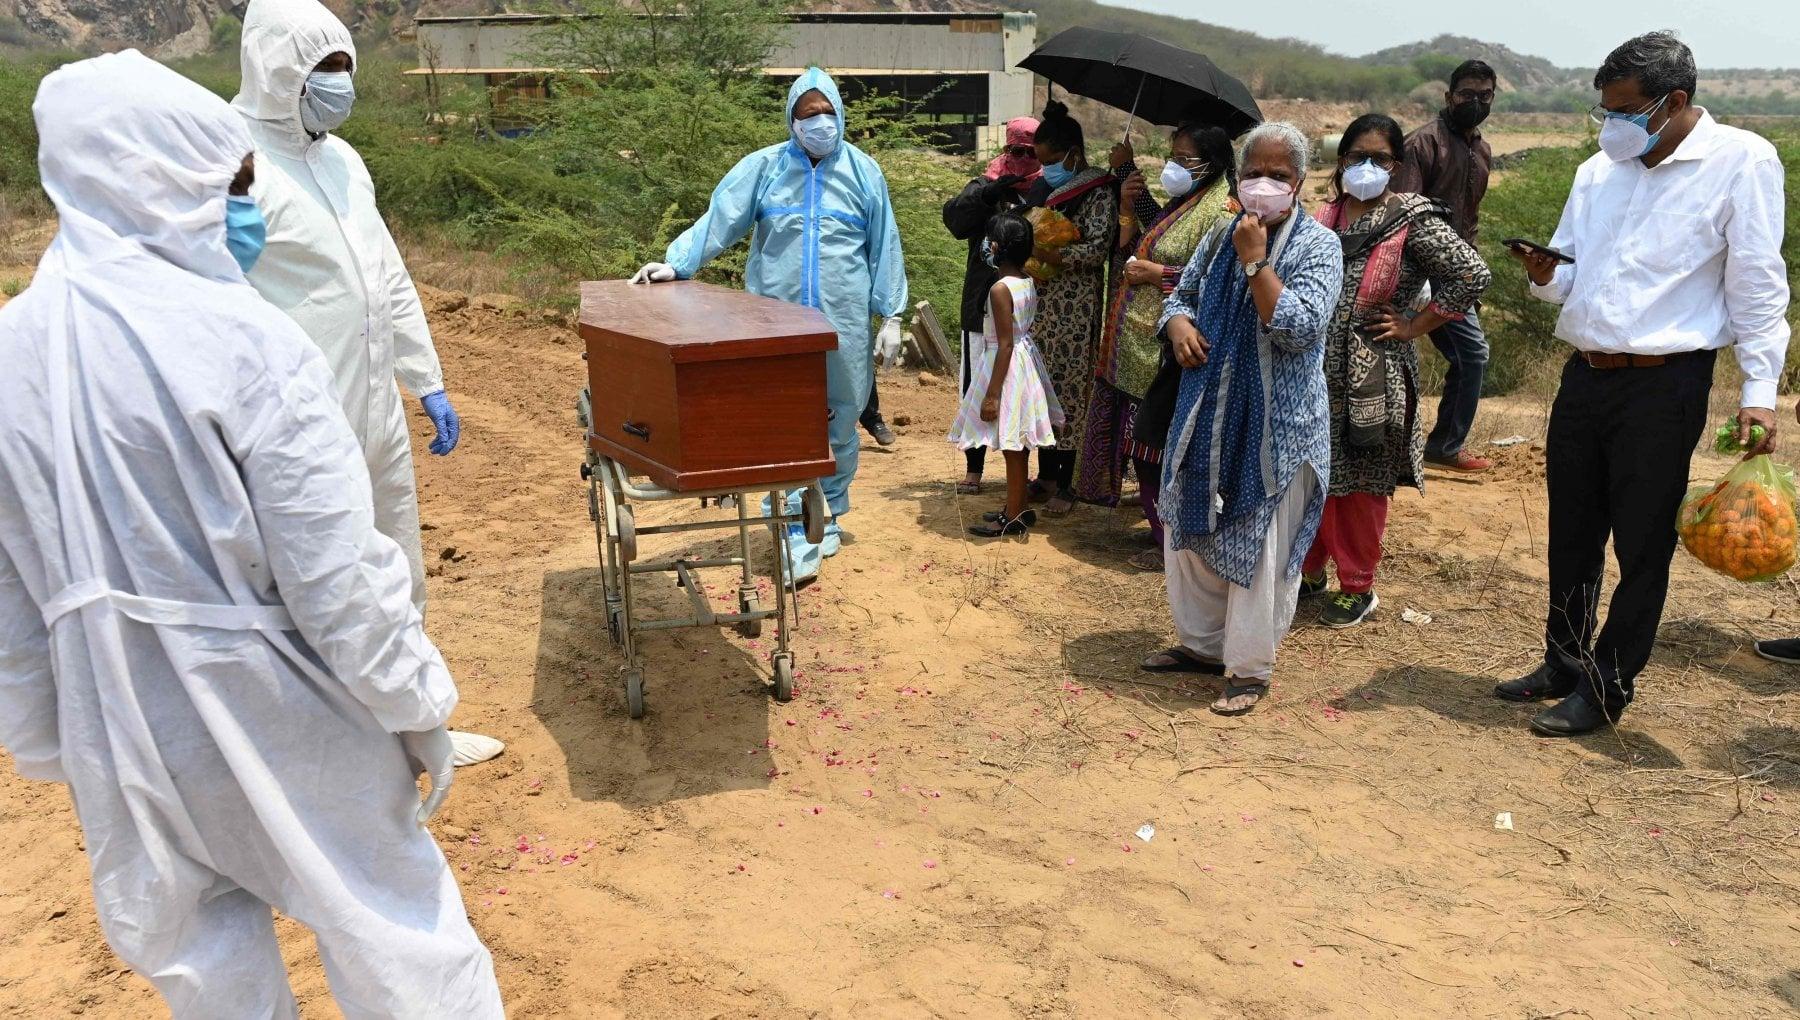 062652691 cba886fd c809 4795 81e2 6e625bed186c - Coronavirus nel mondo, l'India supera le 300mila vittime